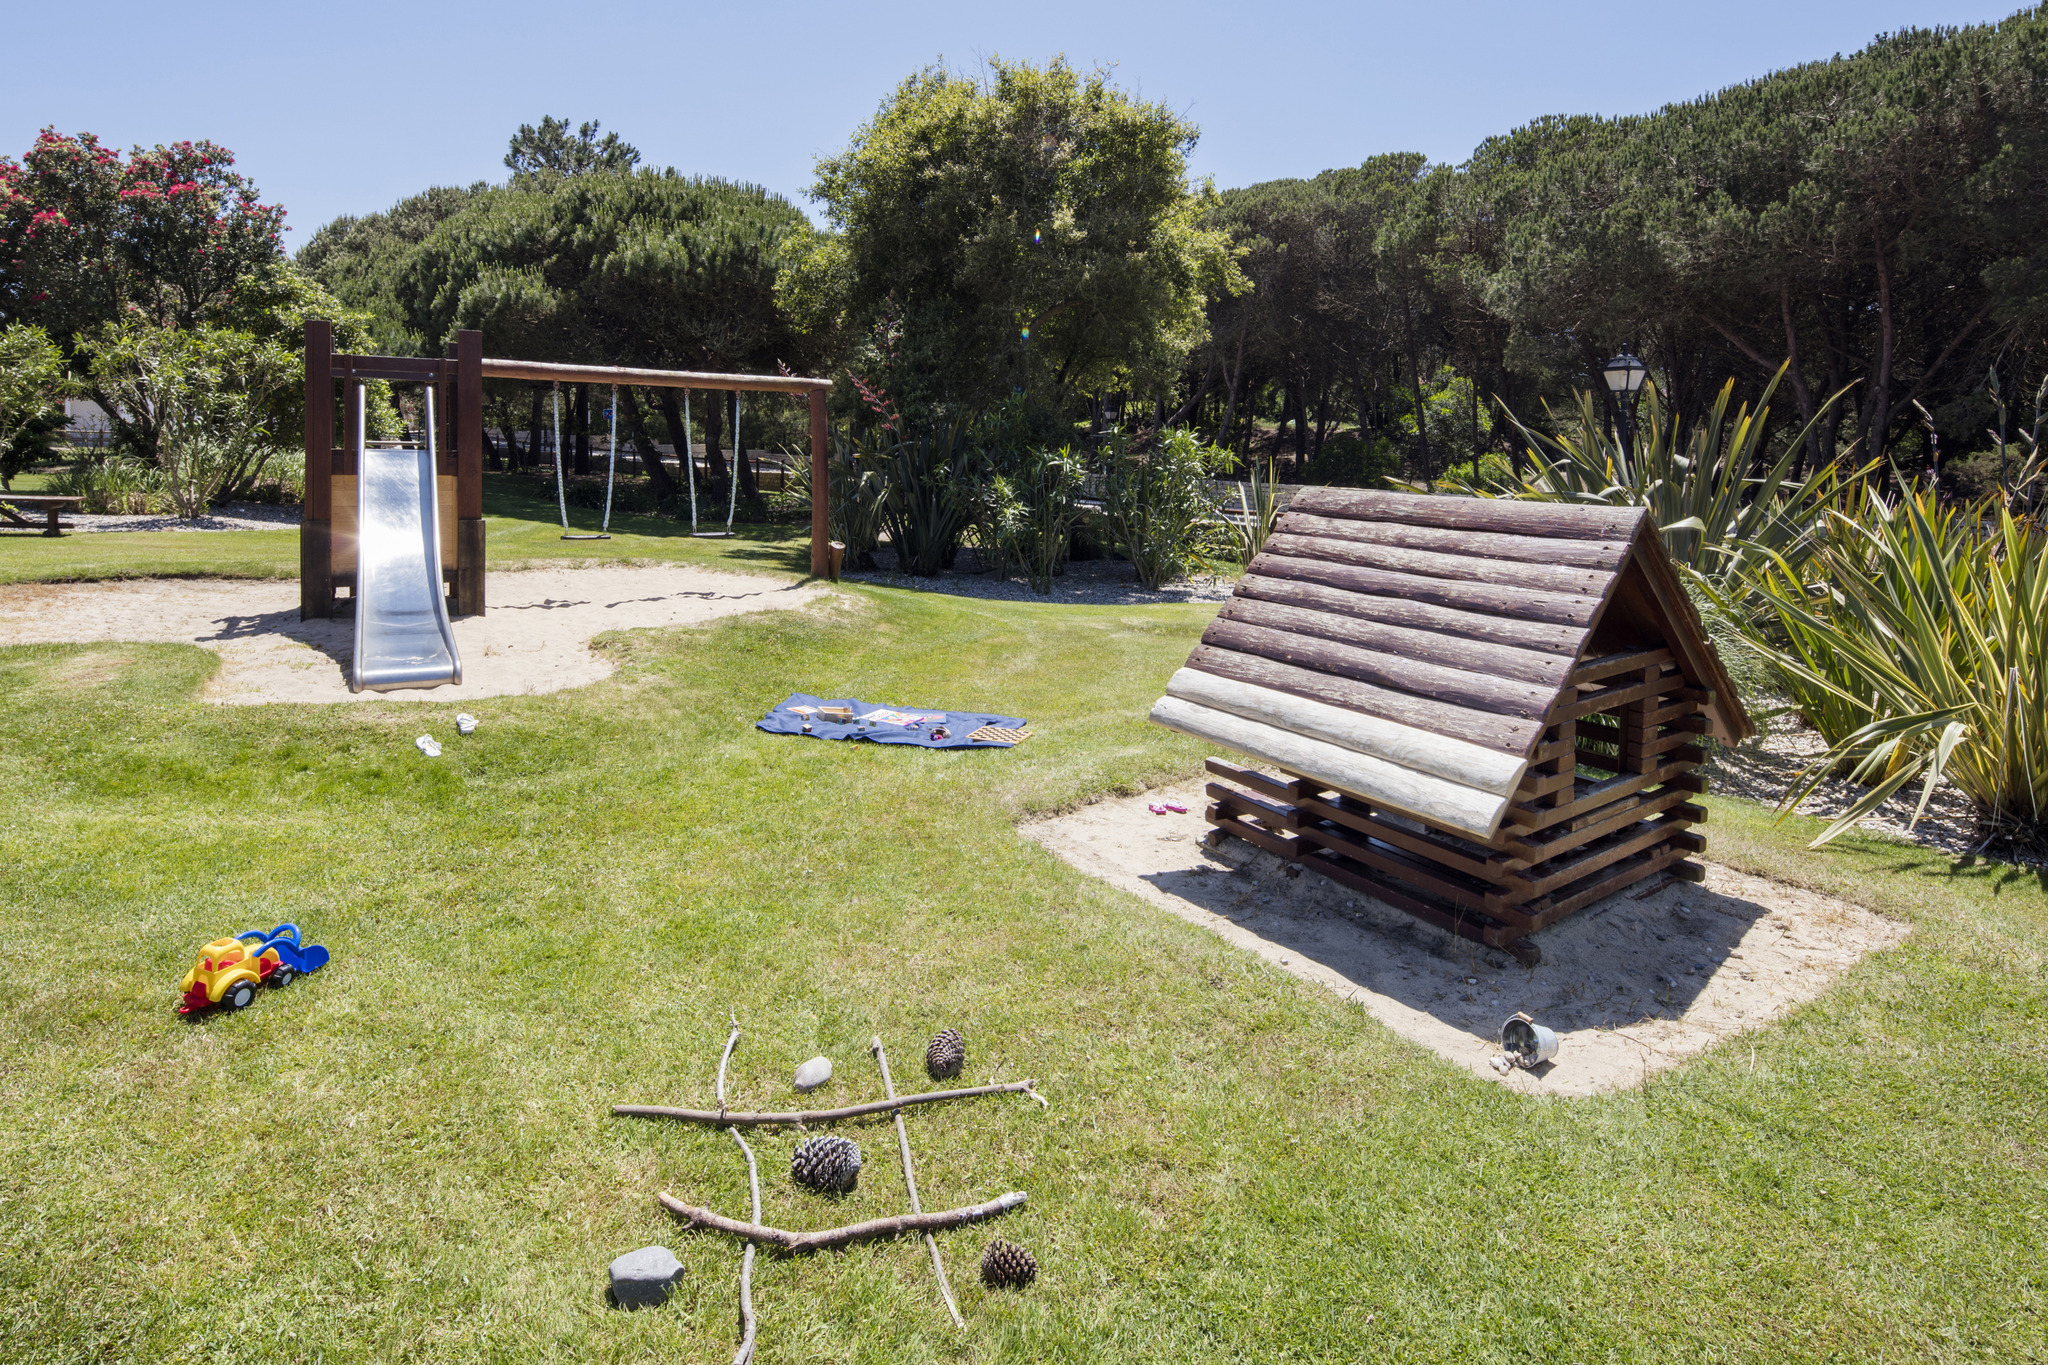 praia-del-rey-beach-golf-resort-the-village 3240